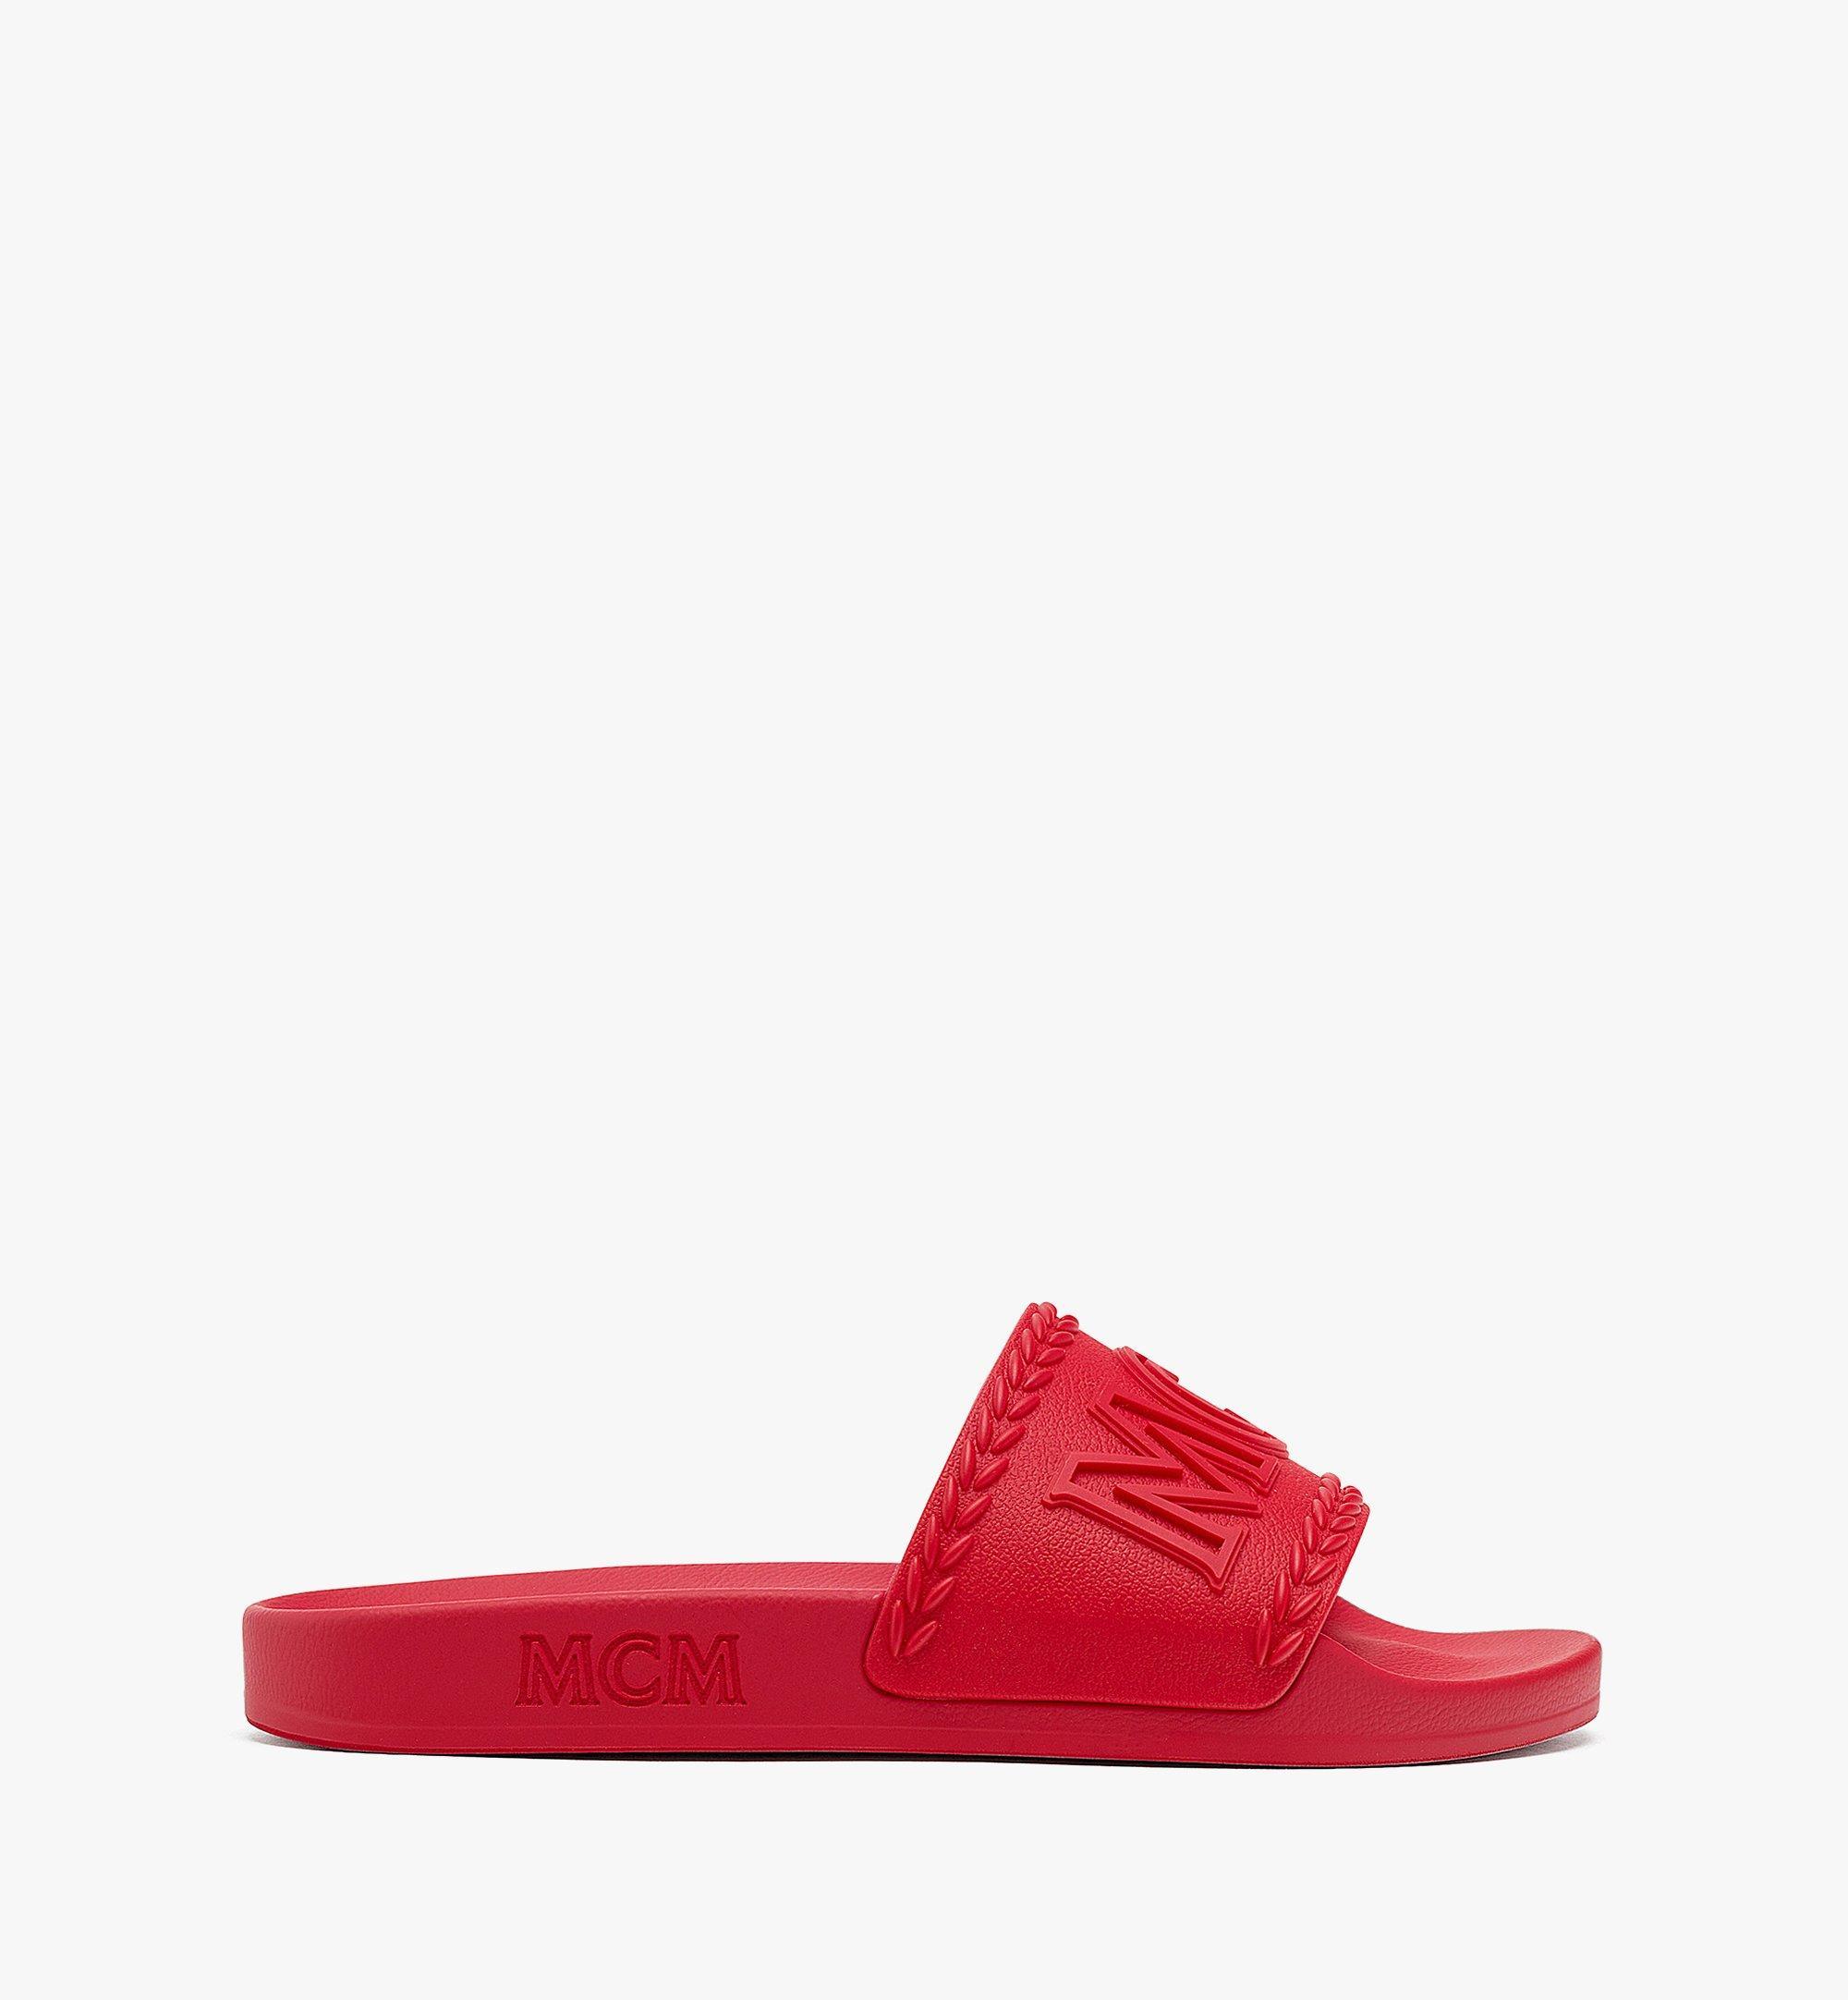 MCM 女士 Big Logo 橡膠拖鞋 Red MESBSMM15R0036 更多視圖 3